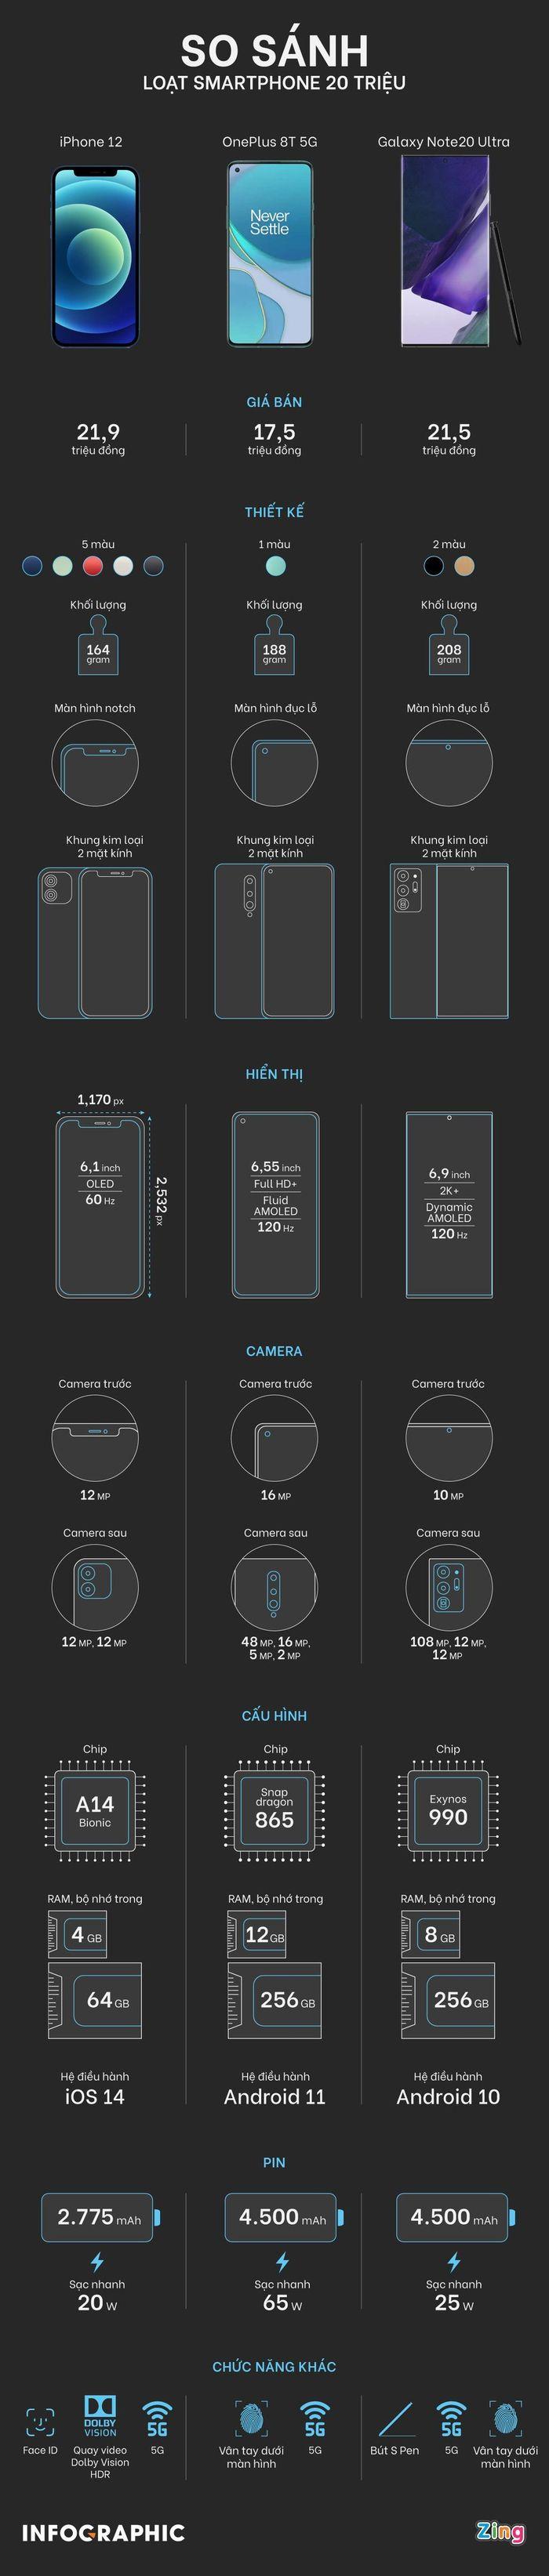 So sánh iPhone 12 và các smartphone Android trong tầm giá 20 triệu